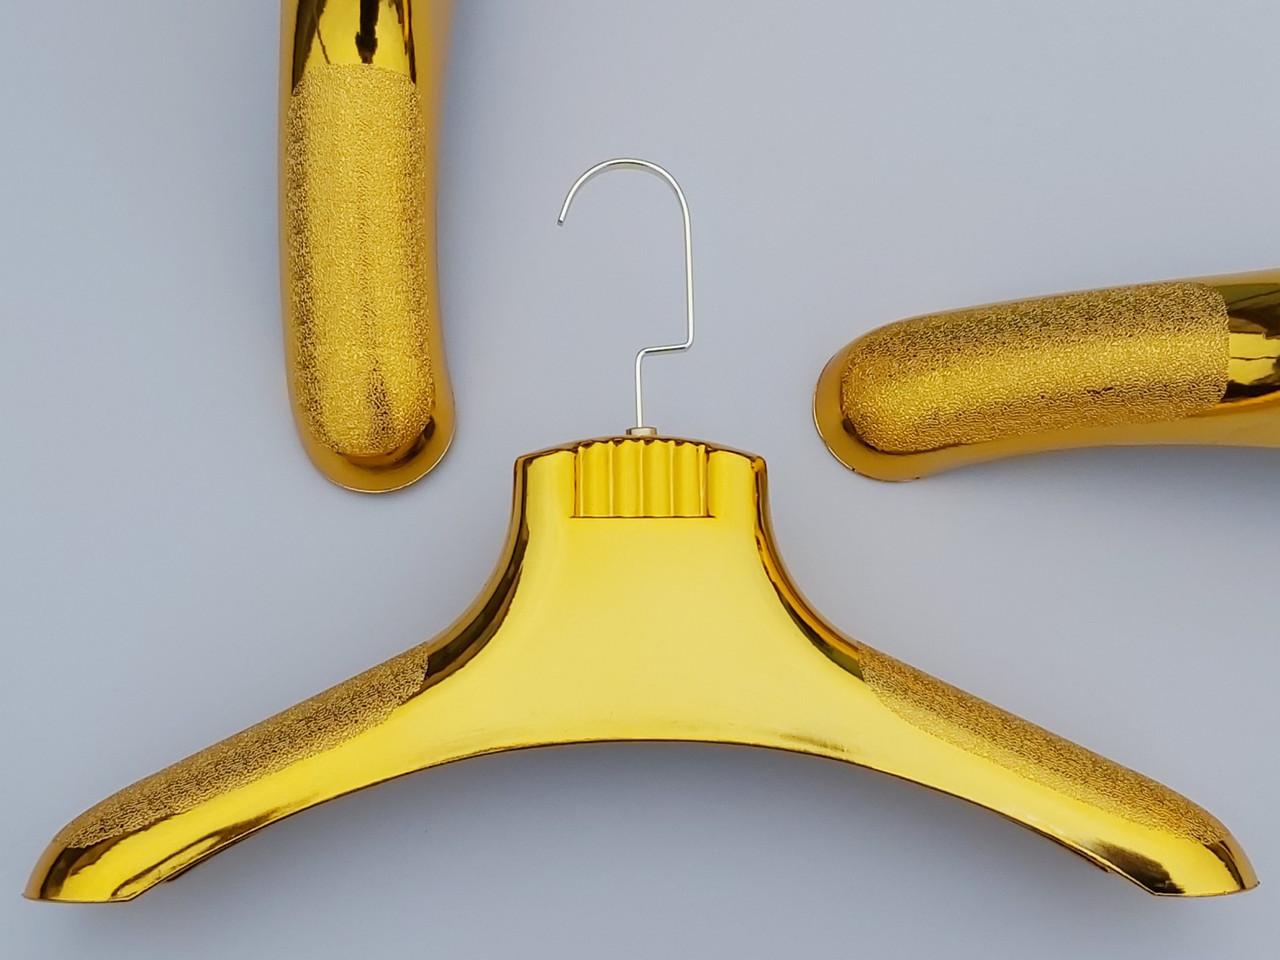 Длина 43 см. Плечики вешалки пластмассовые шубные золотого цвета